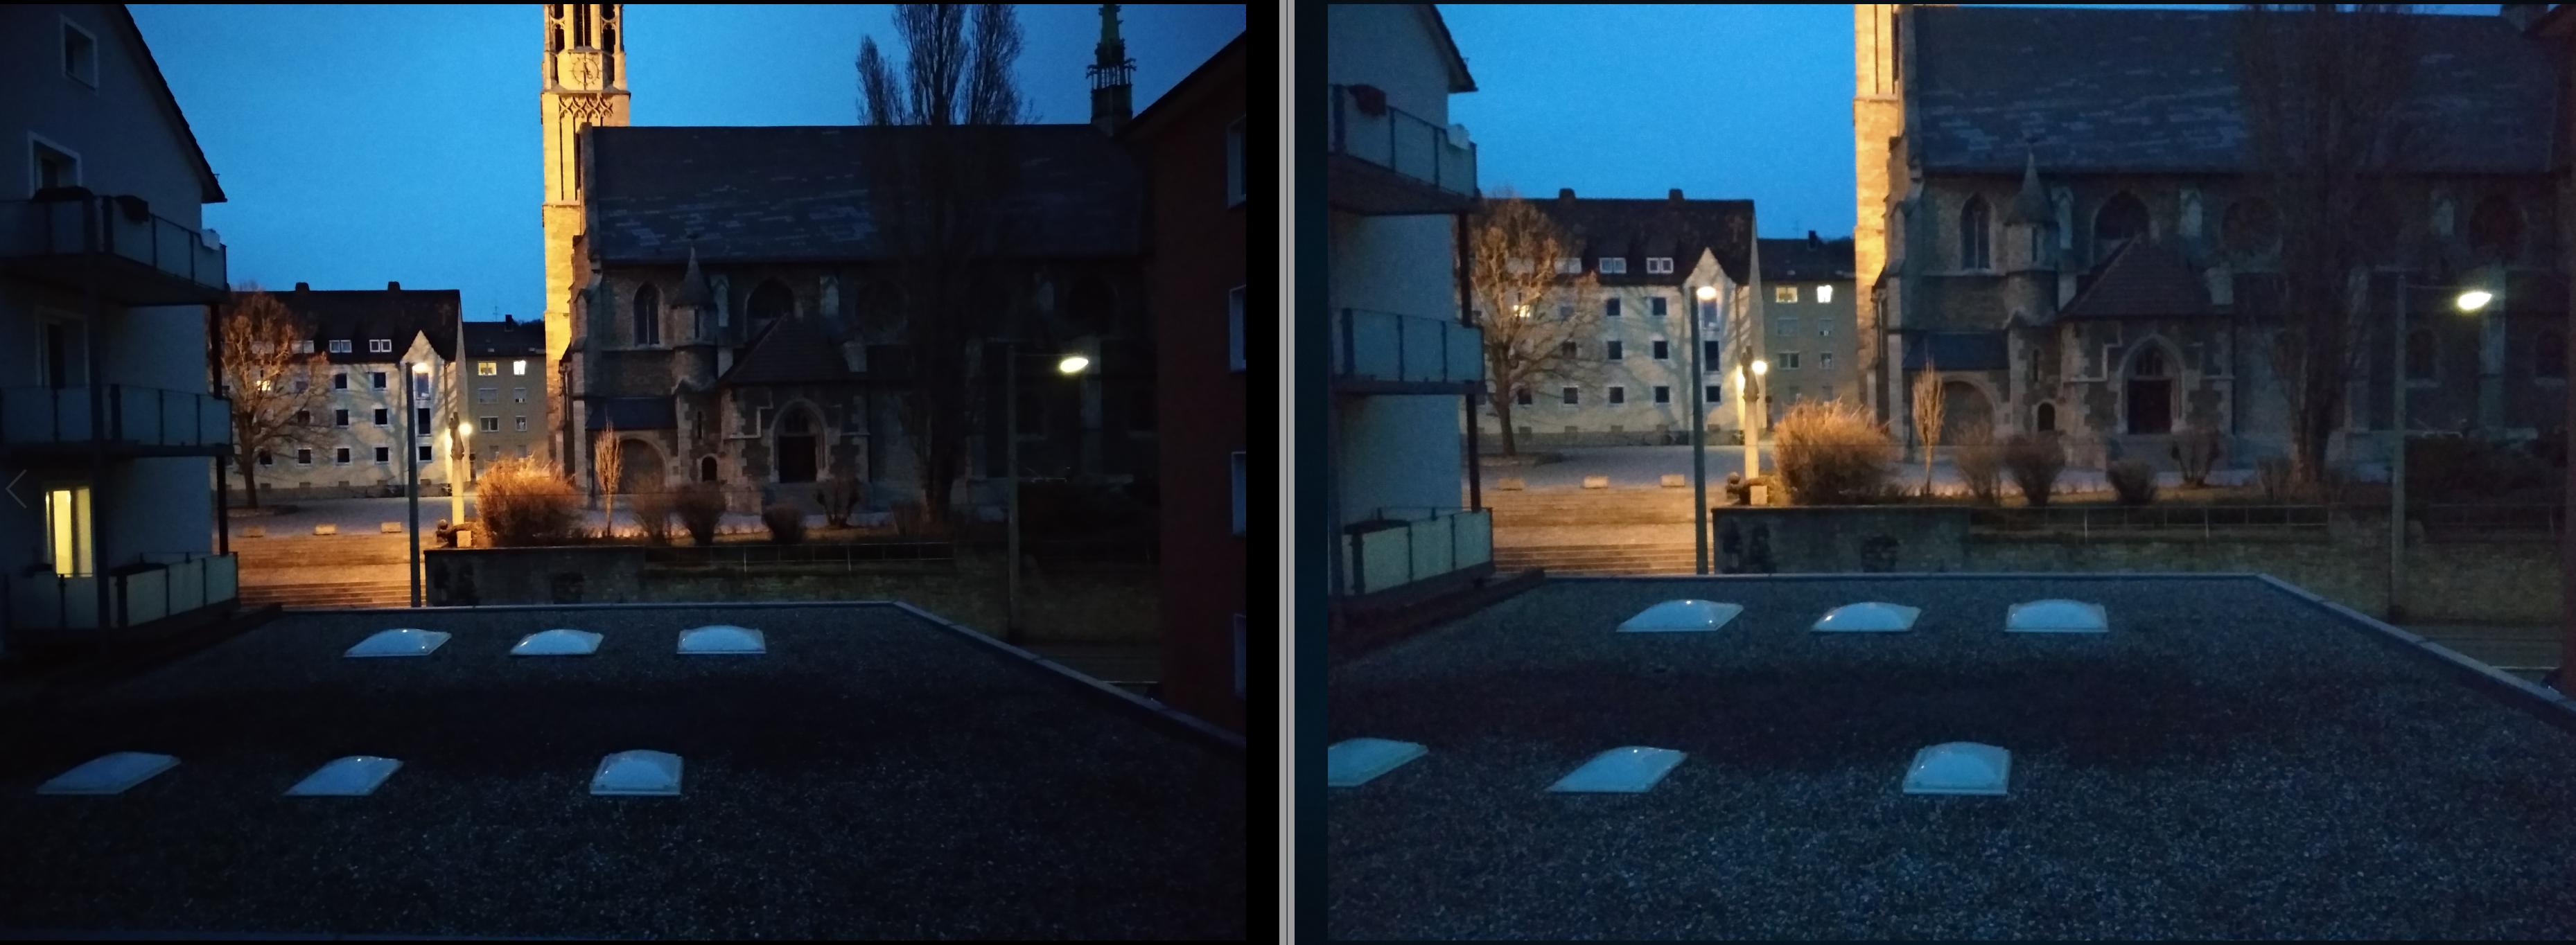 Dämmerung AUfnahmen Dunkel Nacht 1